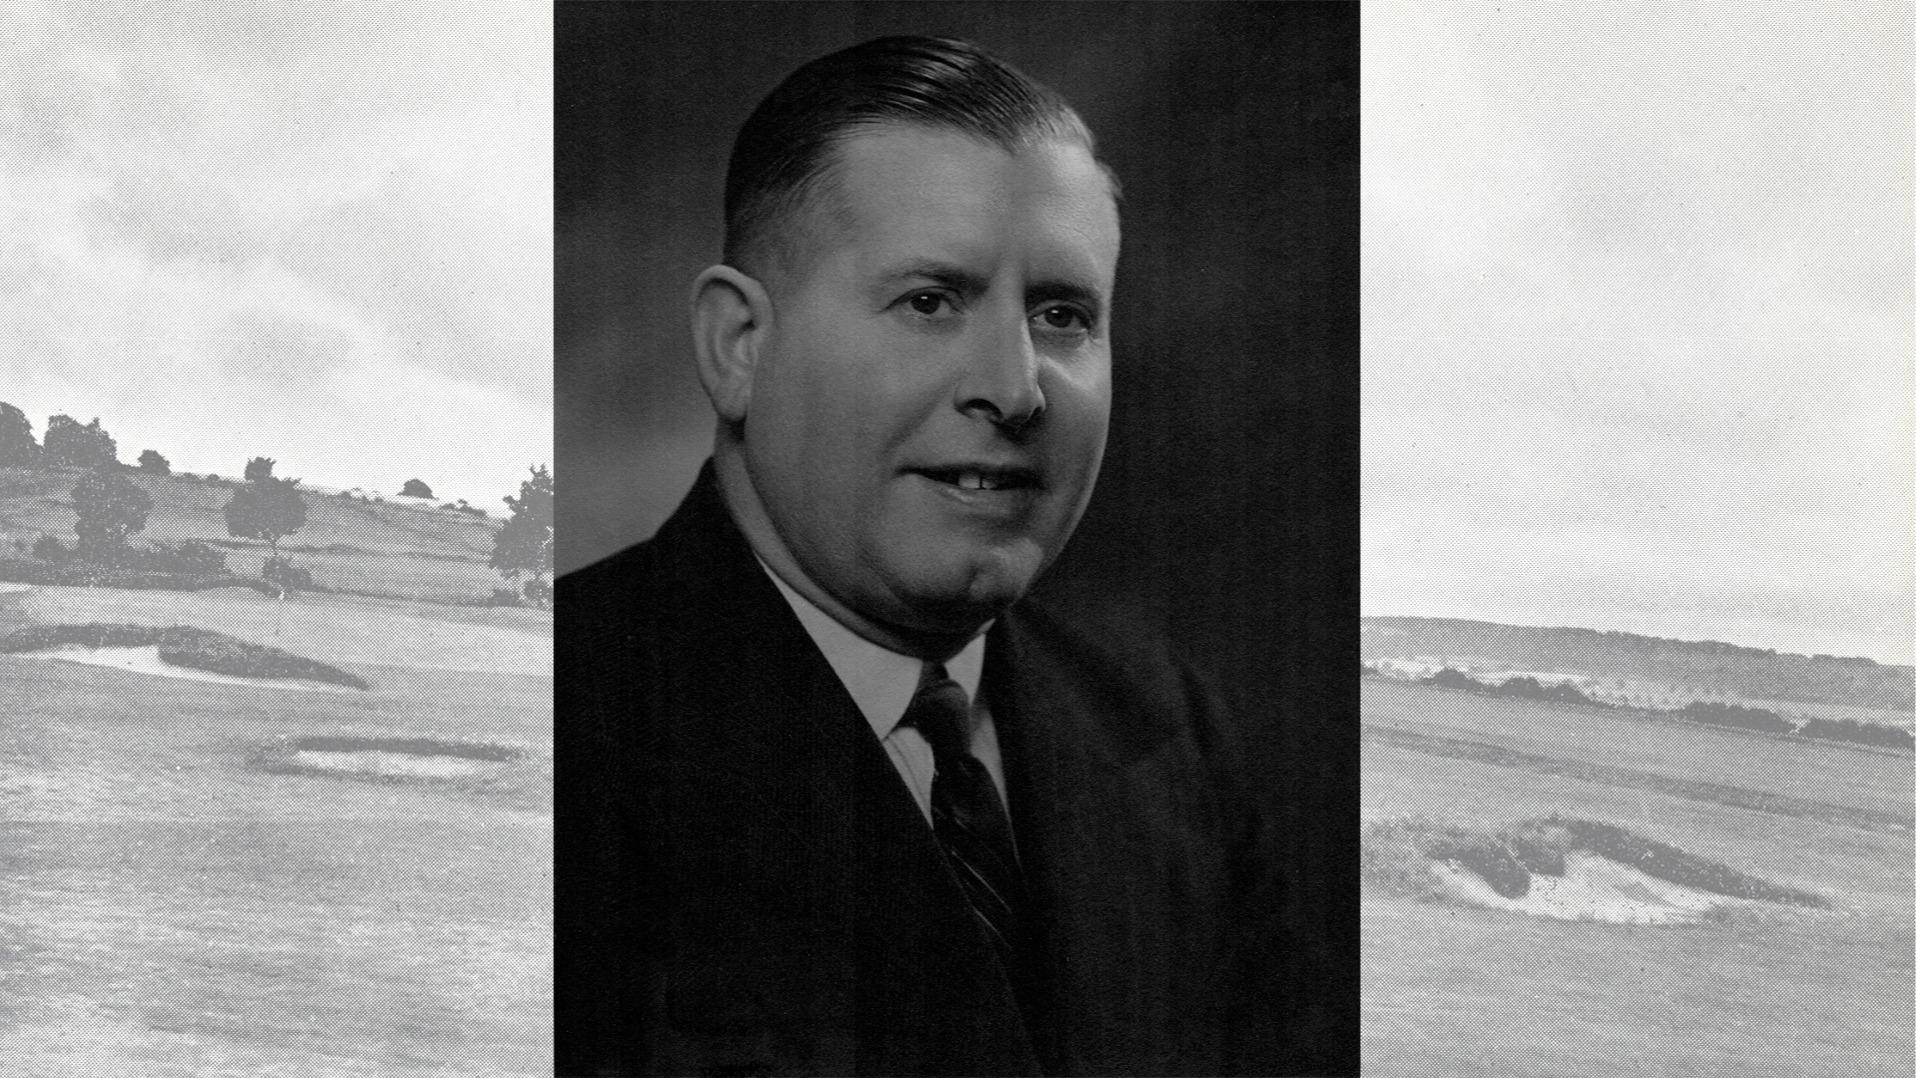 1940 - A F Pakes